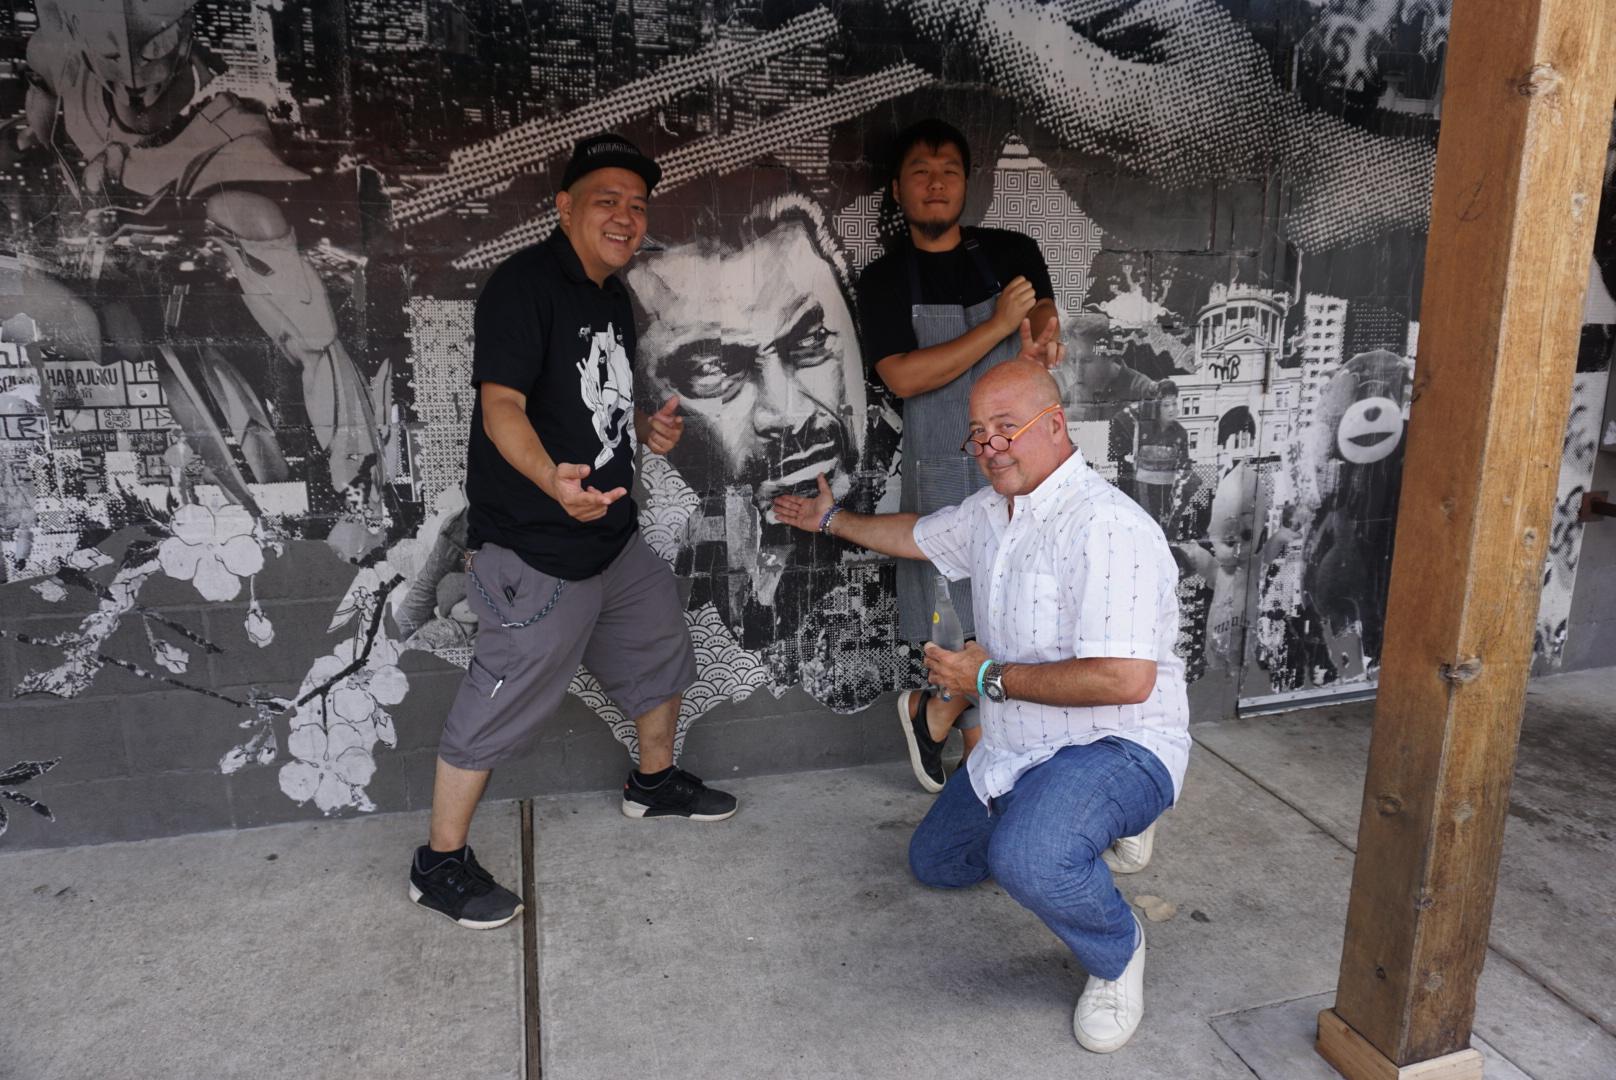 Andrew Zimmern posing at Ramen Tatsu-ya with Takuya Matsumoto and Tatsu Aikawa